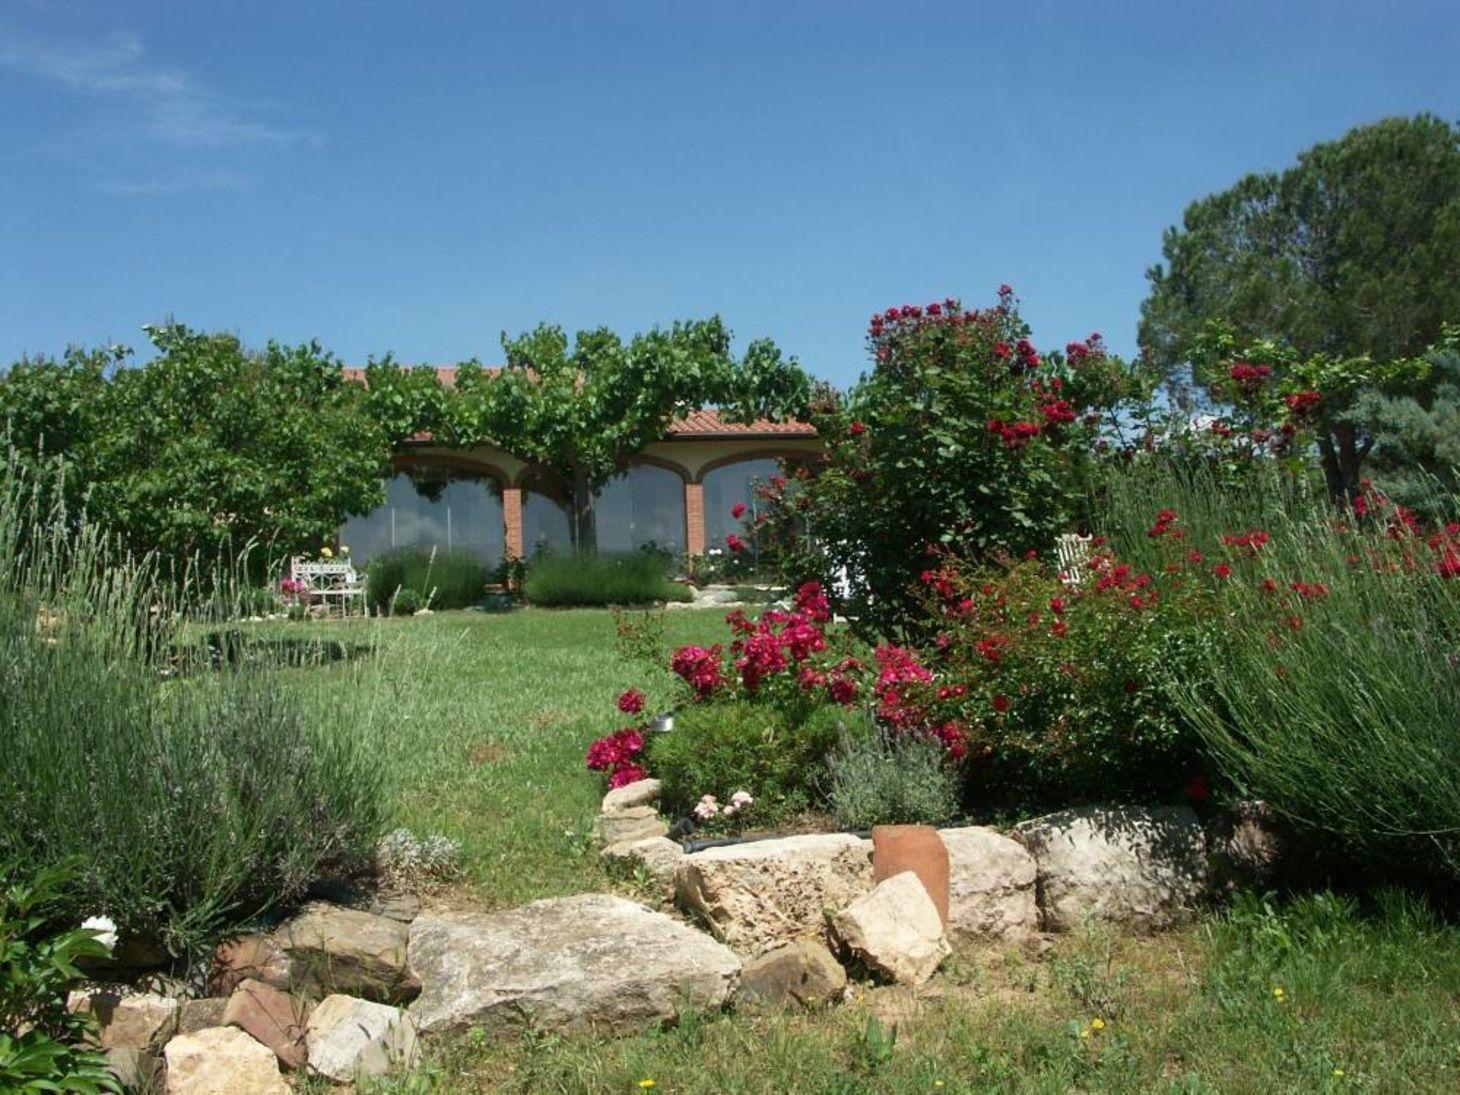 Neues Angebot In Spanien Katalonien Immobilie Falset 9 Hektar Bio Finca Mit Rosengarten Oliven Und Mandelbaumen Pool Wohnhaus Plants